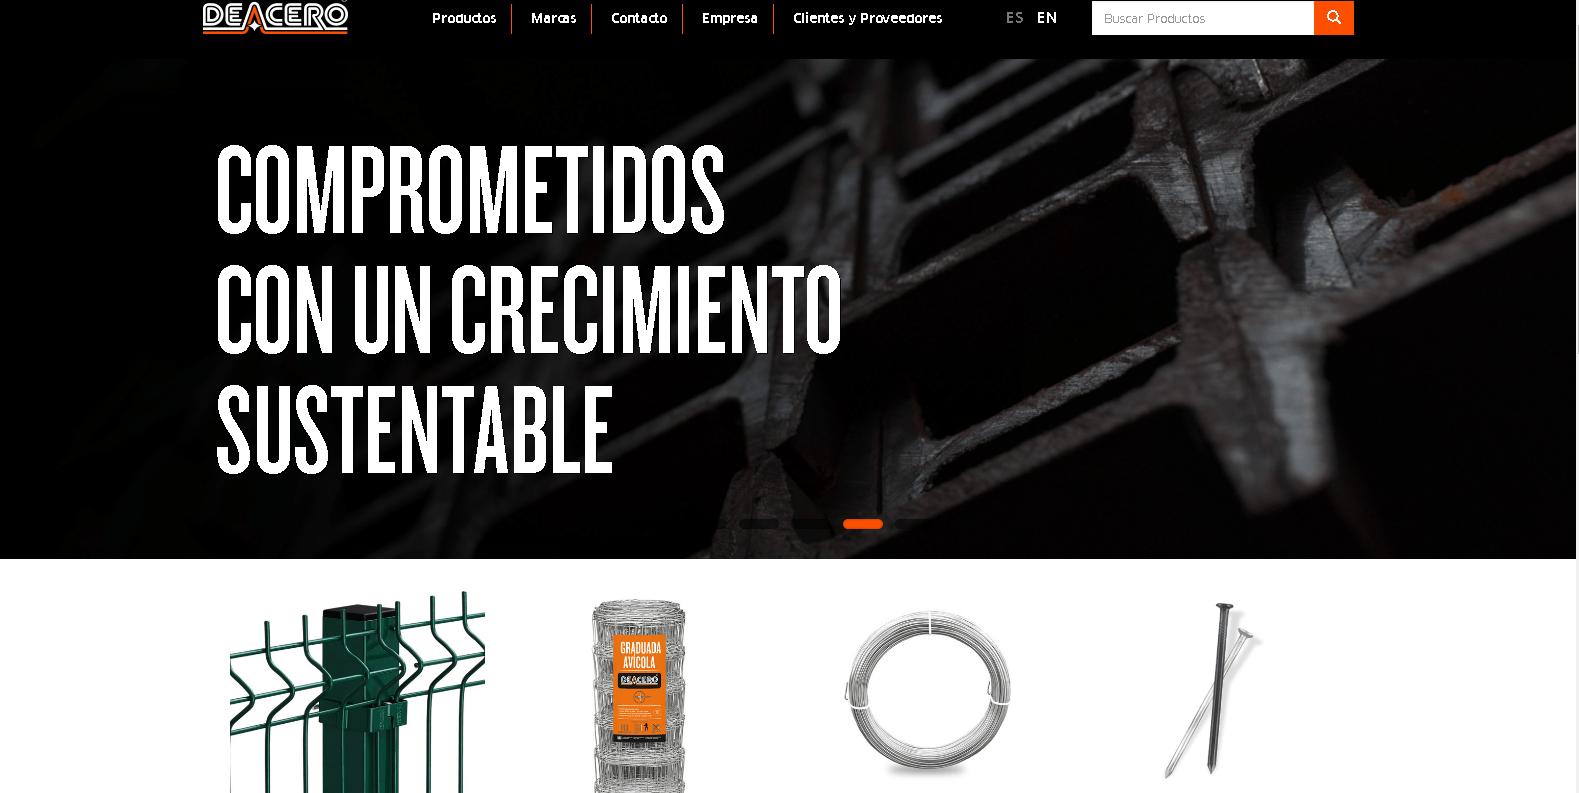 De Acero estrena página web